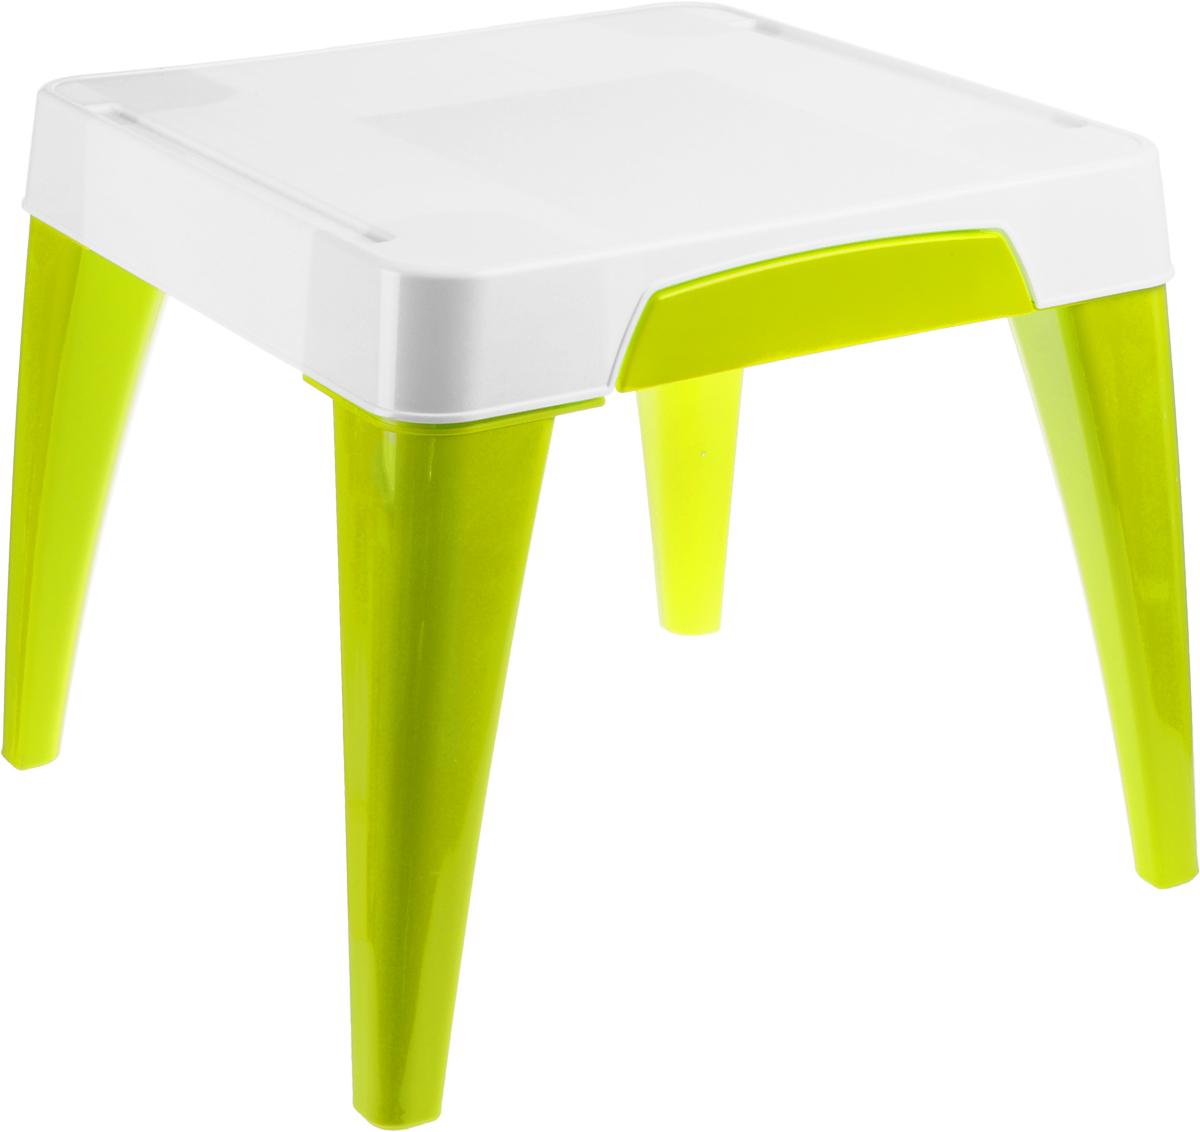 Стол детский Little Angel  Я расту , цвет: салатовый, белый, 60,5 х 60,5 х 50 см -  Детская мебель